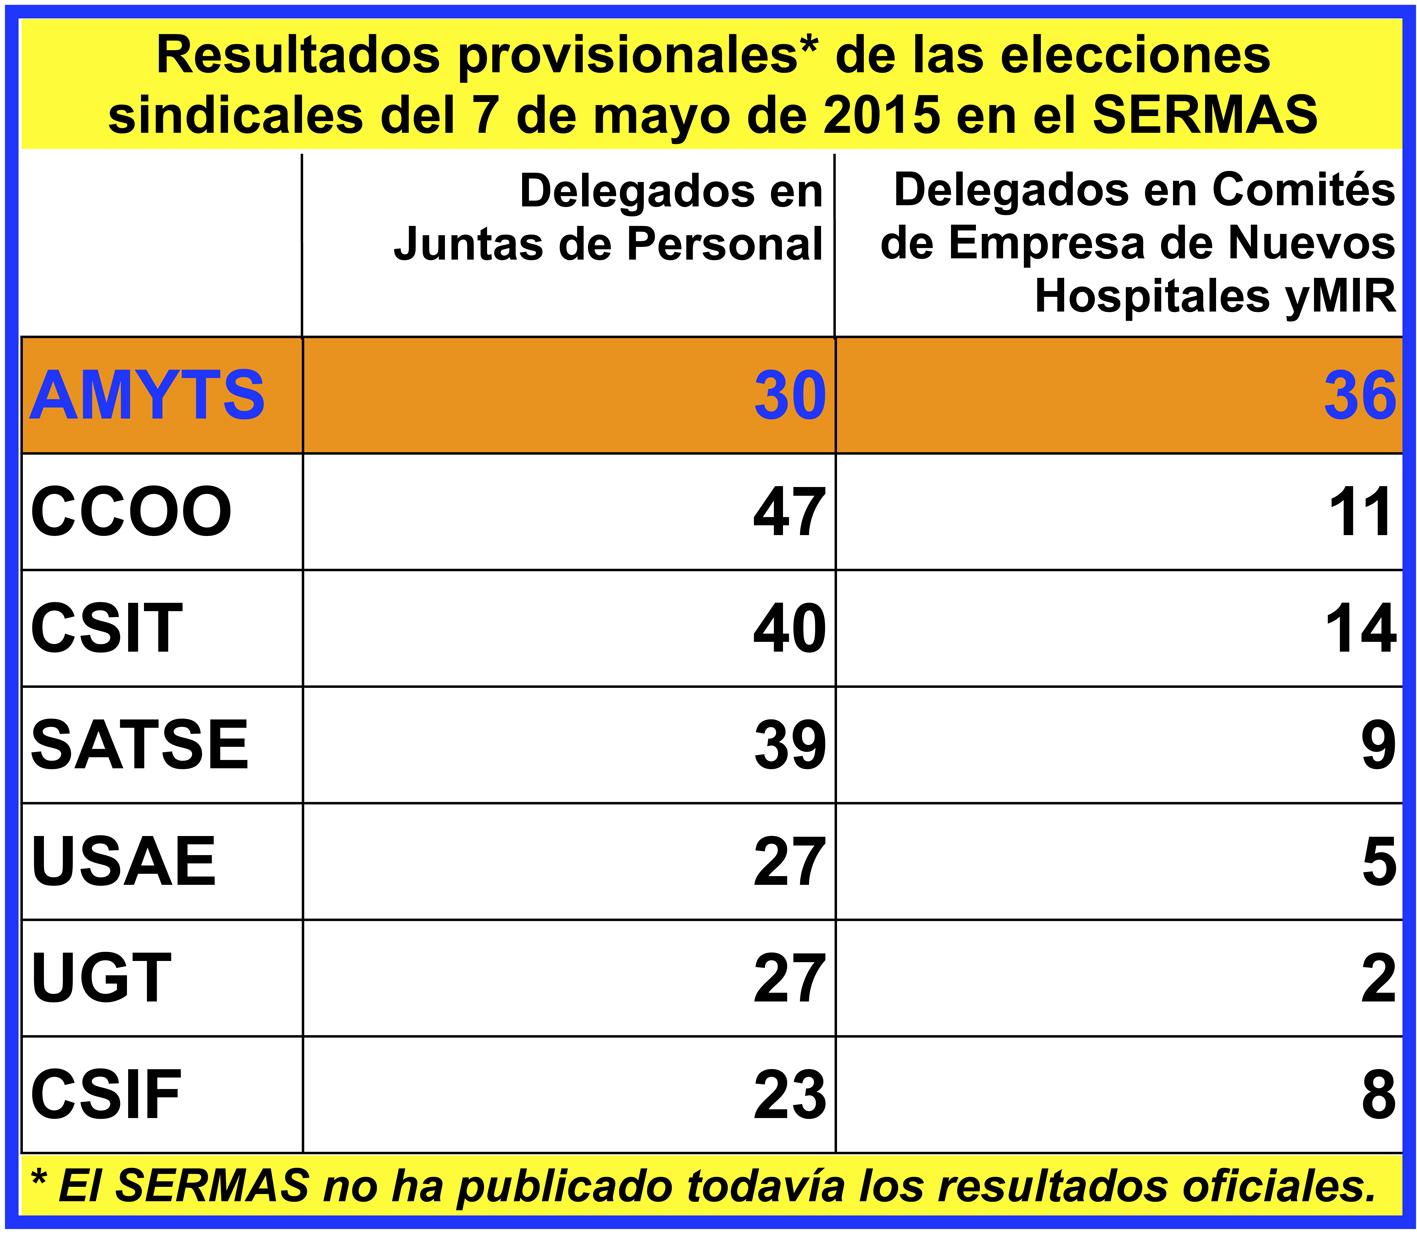 Resultados provisionales de las elecciones del 7 de mayo for Resultados electorales mir